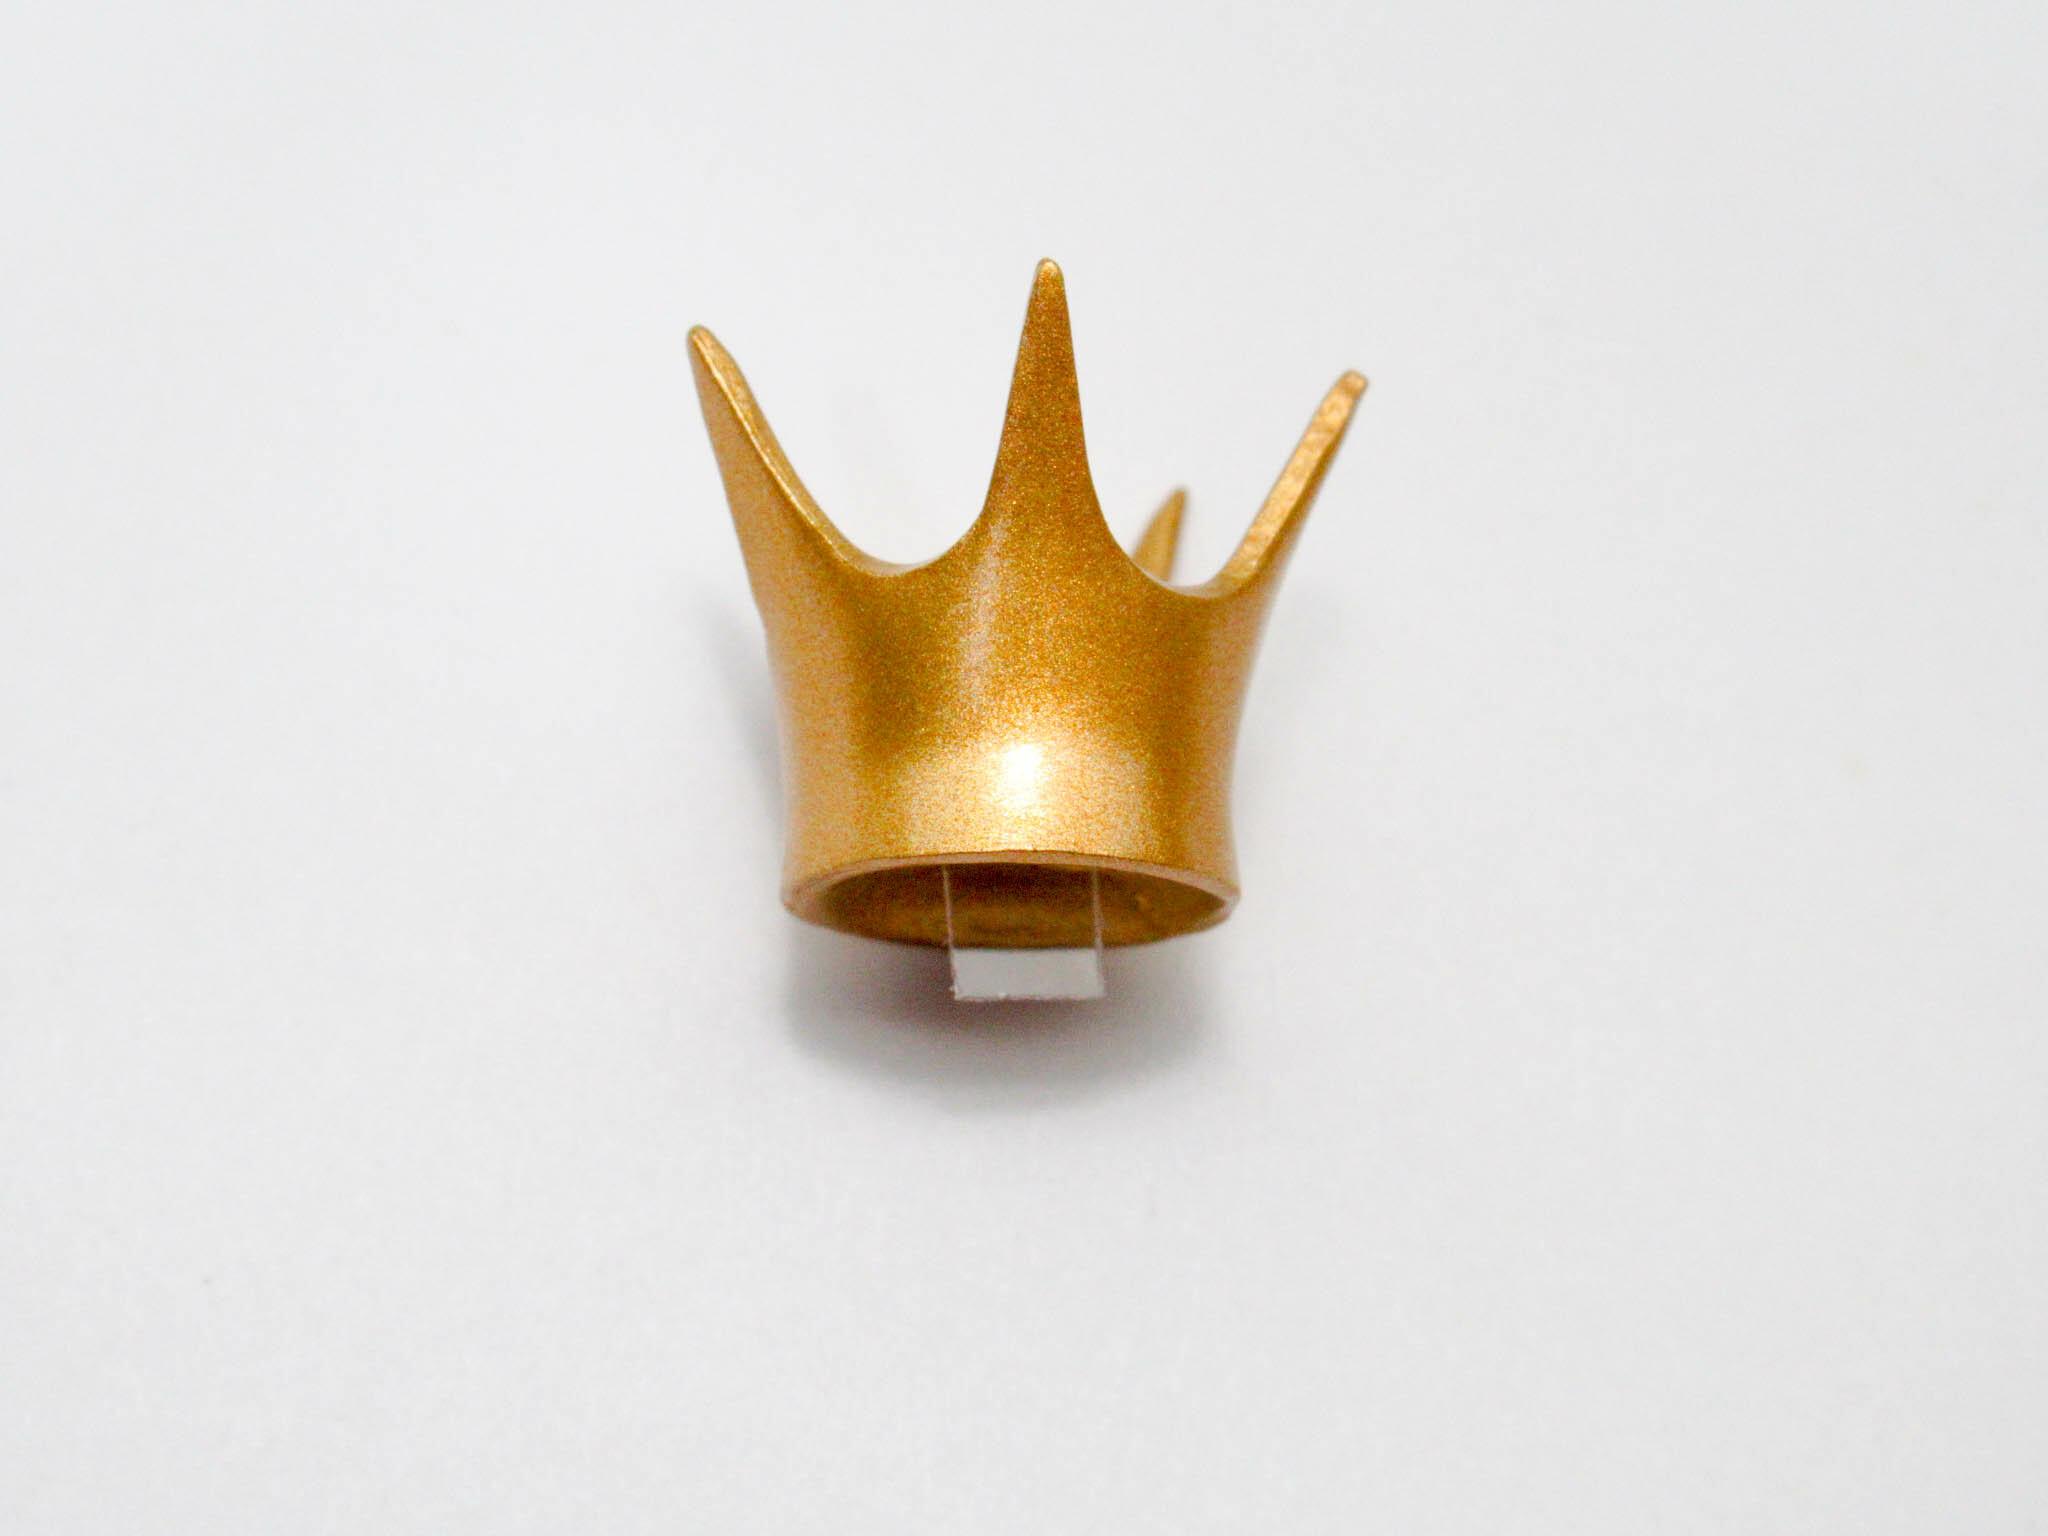 再入荷 ねんどろいどどーる クイーンオブハート 王冠